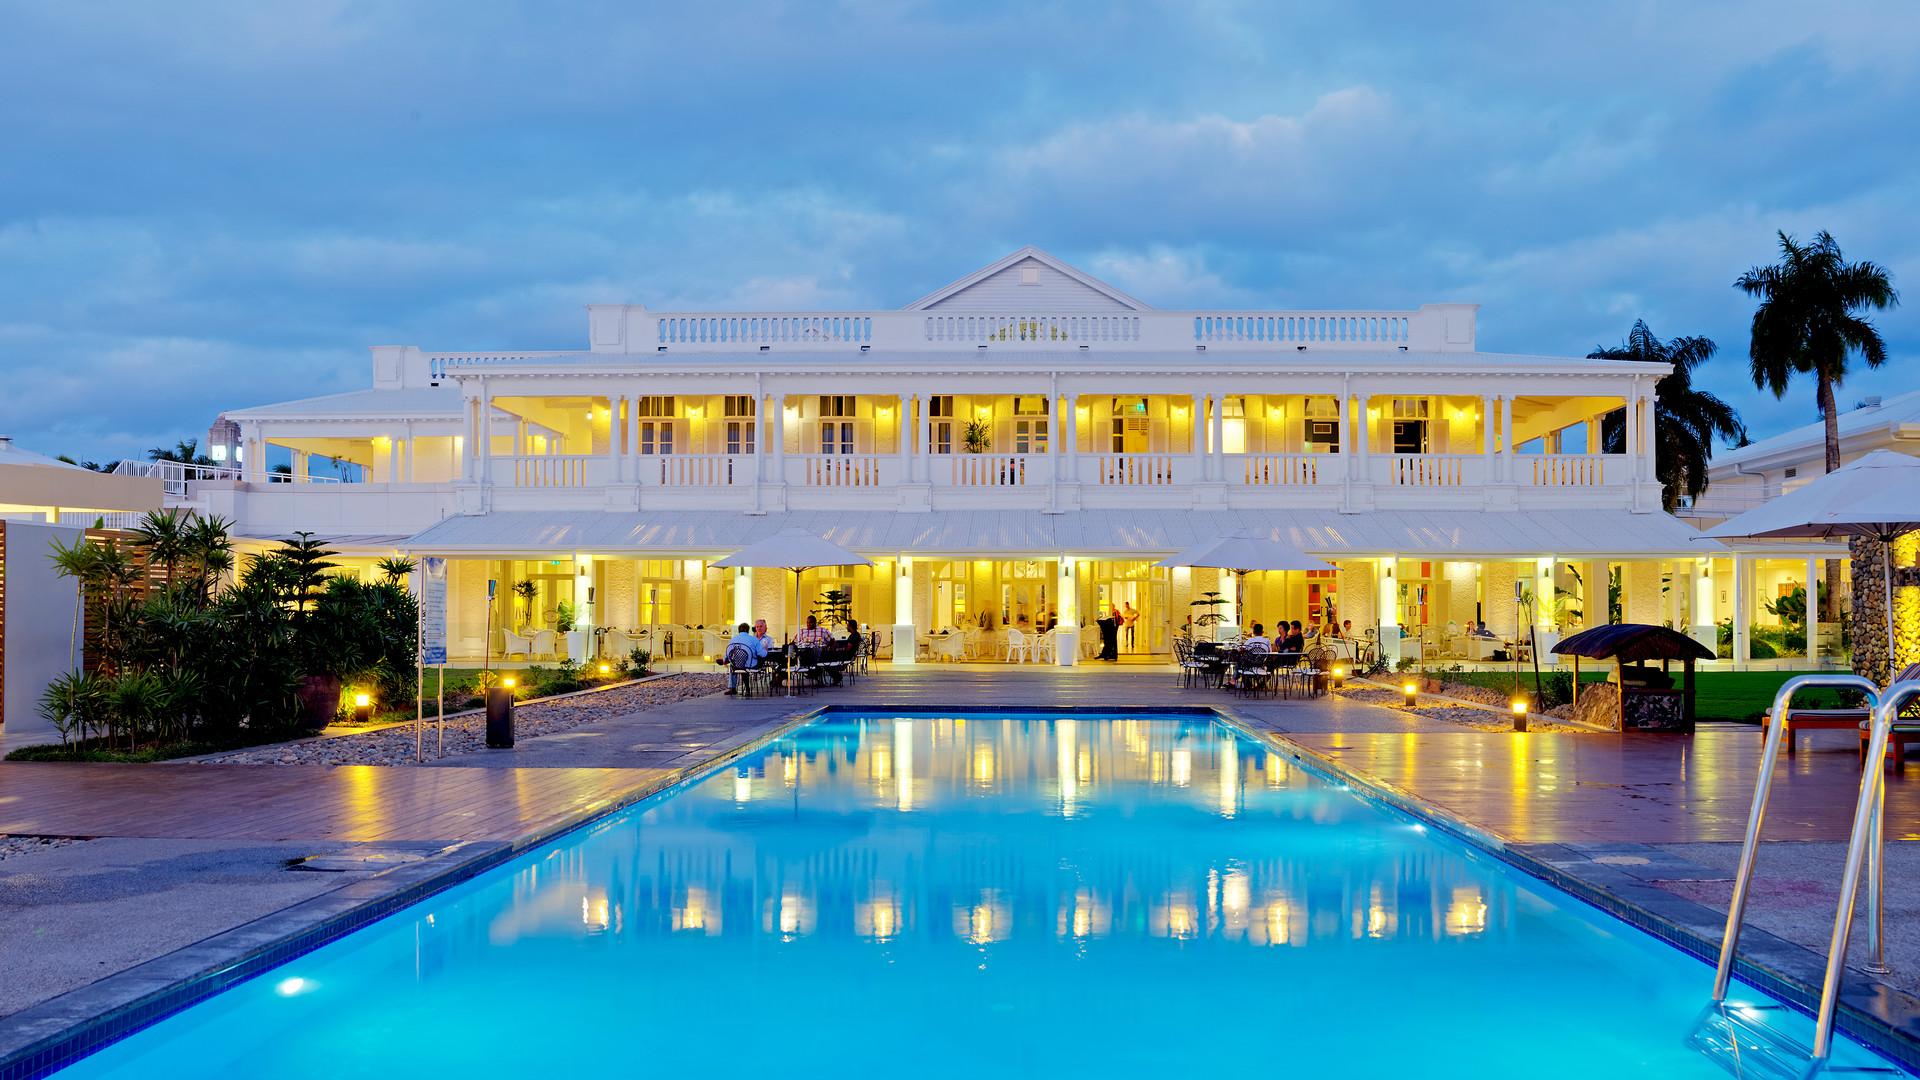 Suva-Grand_Pacific_Hotel-Pool